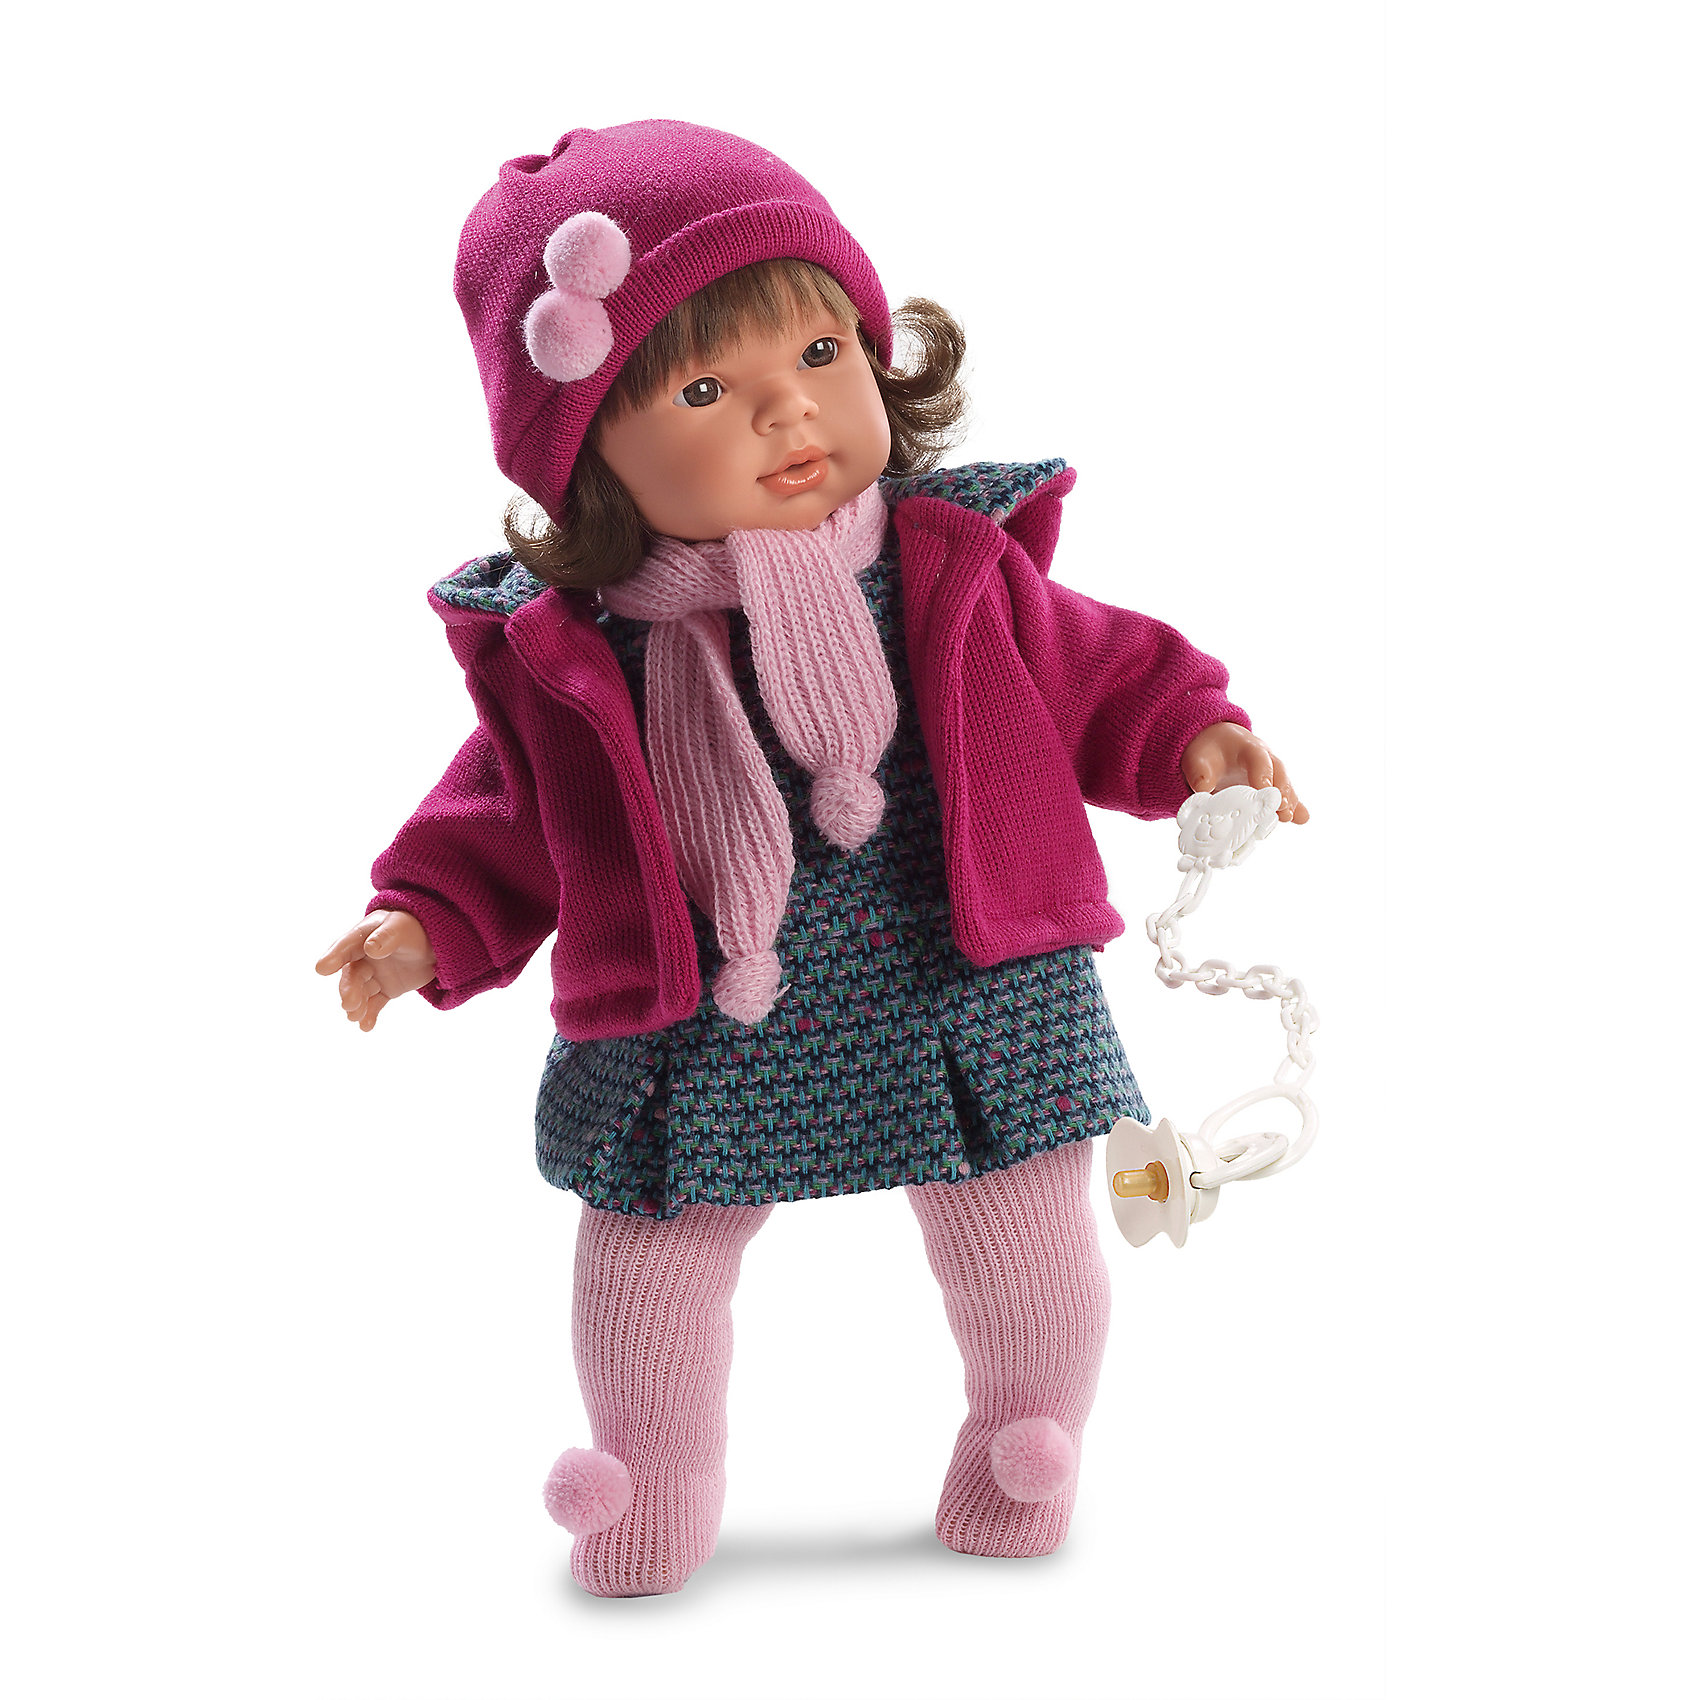 Кукла Карла, 42 см, LlorensКлассические куклы<br>Характеристики:<br><br>• Предназначение: для сюжетно-ролевых игр<br>• Тип куклы: мягконабивная<br>• Пол куклы: девочка <br>• Цвет волос: брюнетка<br>• Материал: поливинилхлорид, пластик, нейлон, текстиль<br>• Цвет: оттенки розового, серый, сиреневый<br>• Высота куклы: 42 см<br>• Комплектация: кукла, платье, курточка, шапочка, колготки, пустышка на ленточке<br>• Вес: 1 кг 360 г<br>• Размеры упаковки (Д*В*Ш): 23*45*10 см<br>• Упаковка: подарочная картонная коробка <br>• Особенности ухода: допускается деликатная стирка без использования красящих и отбеливающих средств предметов одежды куклы<br><br>Кукла Карла 42 см без звука – кукла, производителем которого является всемирно известный испанский кукольный бренд Llorens. Куклы этой торговой марки имеют свою неповторимую внешность и целую линейку образов как пупсов, так и кукол-малышей. Игрушки выполнены из сочетания поливинилхлорида и пластика, что позволяет с высокой долей достоверности воссоздать физиологические и мимические особенности маленьких детей. При изготовлении кукол Llorens используются только сертифицированные материалы, безопасные и не вызывающие аллергических реакций. Волосы у кукол отличаются густотой, шелковистостью и блеском, при расчесывании они не выпадают и не ломаются.<br>Кукла Карла 42 см без звука выполнена в образе малышки: брюнетка с карими глазами и слегка завитыми волосами средней длины. В комплект одежды Карлы входит теплое платьице с геометрическим принтом, курточка с капюшоном и шапочка с помпонами. У малышки имеется соска на ленточке. <br>Кукла Карла 42 см без звука – это идеальный вариант для подарка к различным праздникам и торжествам.<br><br>Куклу Карлу 42 см без звука можно купить в нашем интернет-магазине.<br><br>Ширина мм: 23<br>Глубина мм: 45<br>Высота мм: 12<br>Вес г: 1360<br>Возраст от месяцев: 36<br>Возраст до месяцев: 84<br>Пол: Женский<br>Возраст: Детский<br>SKU: 5086916